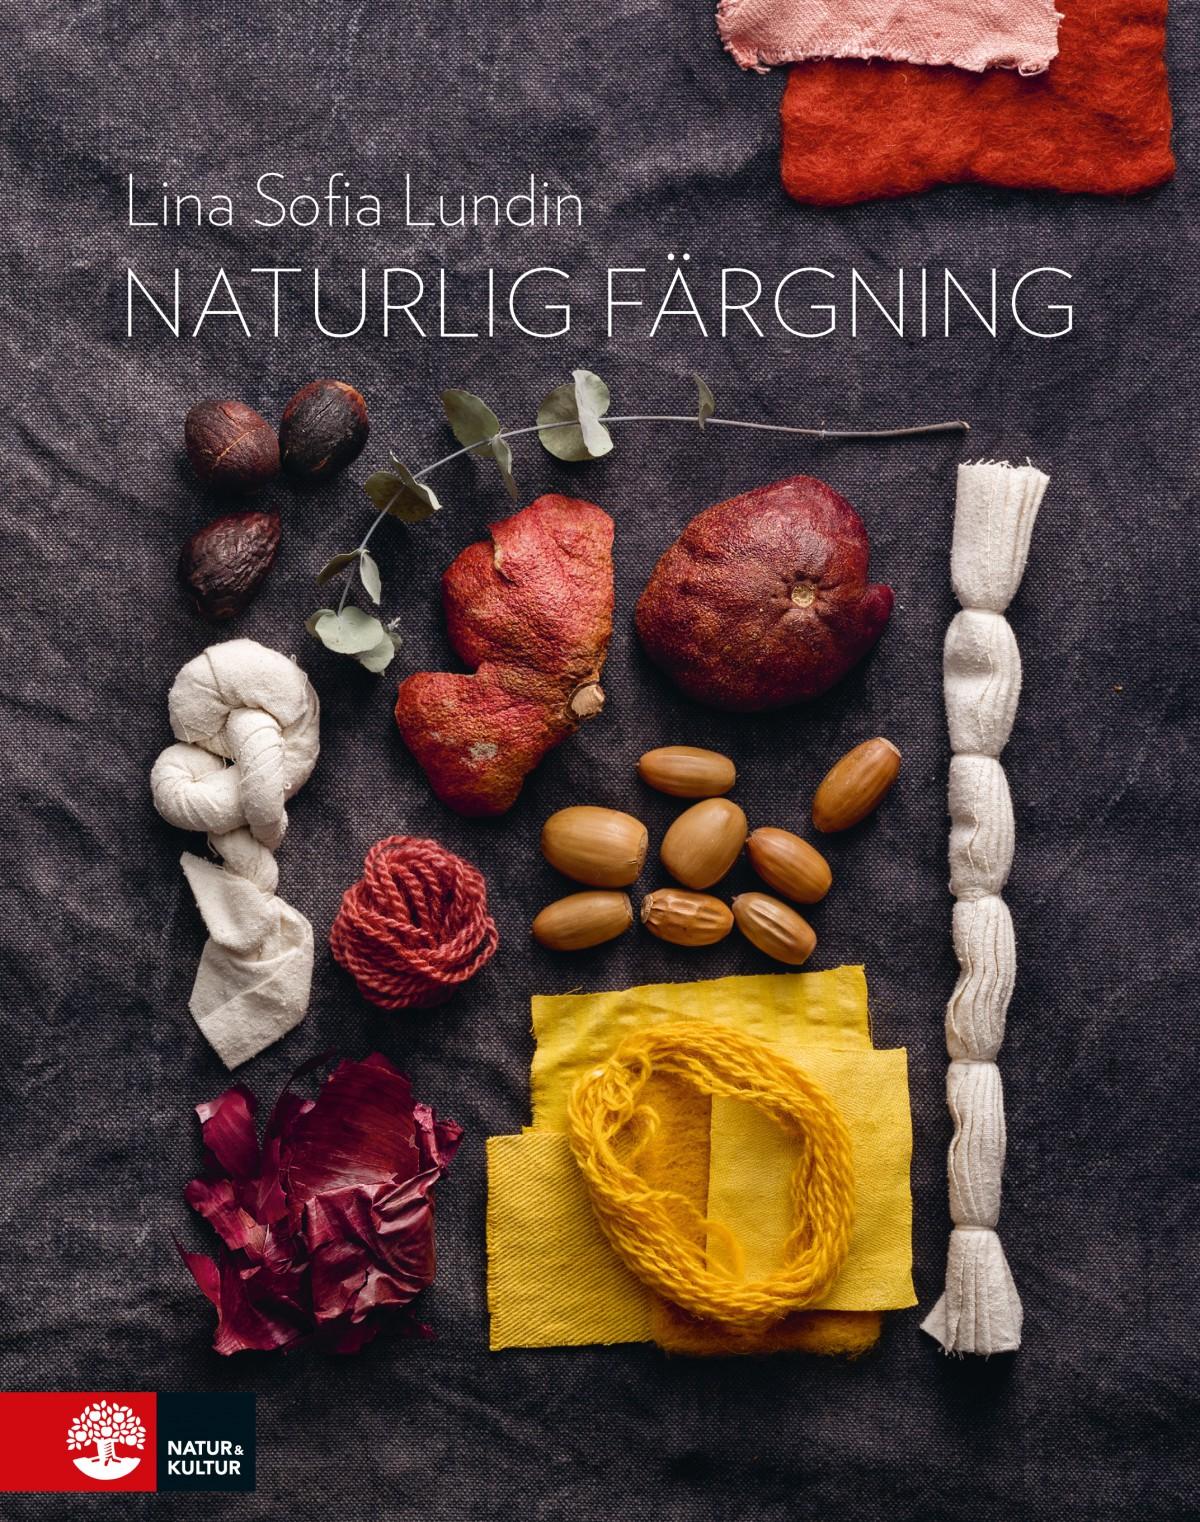 2 boktips om naturlig färgning